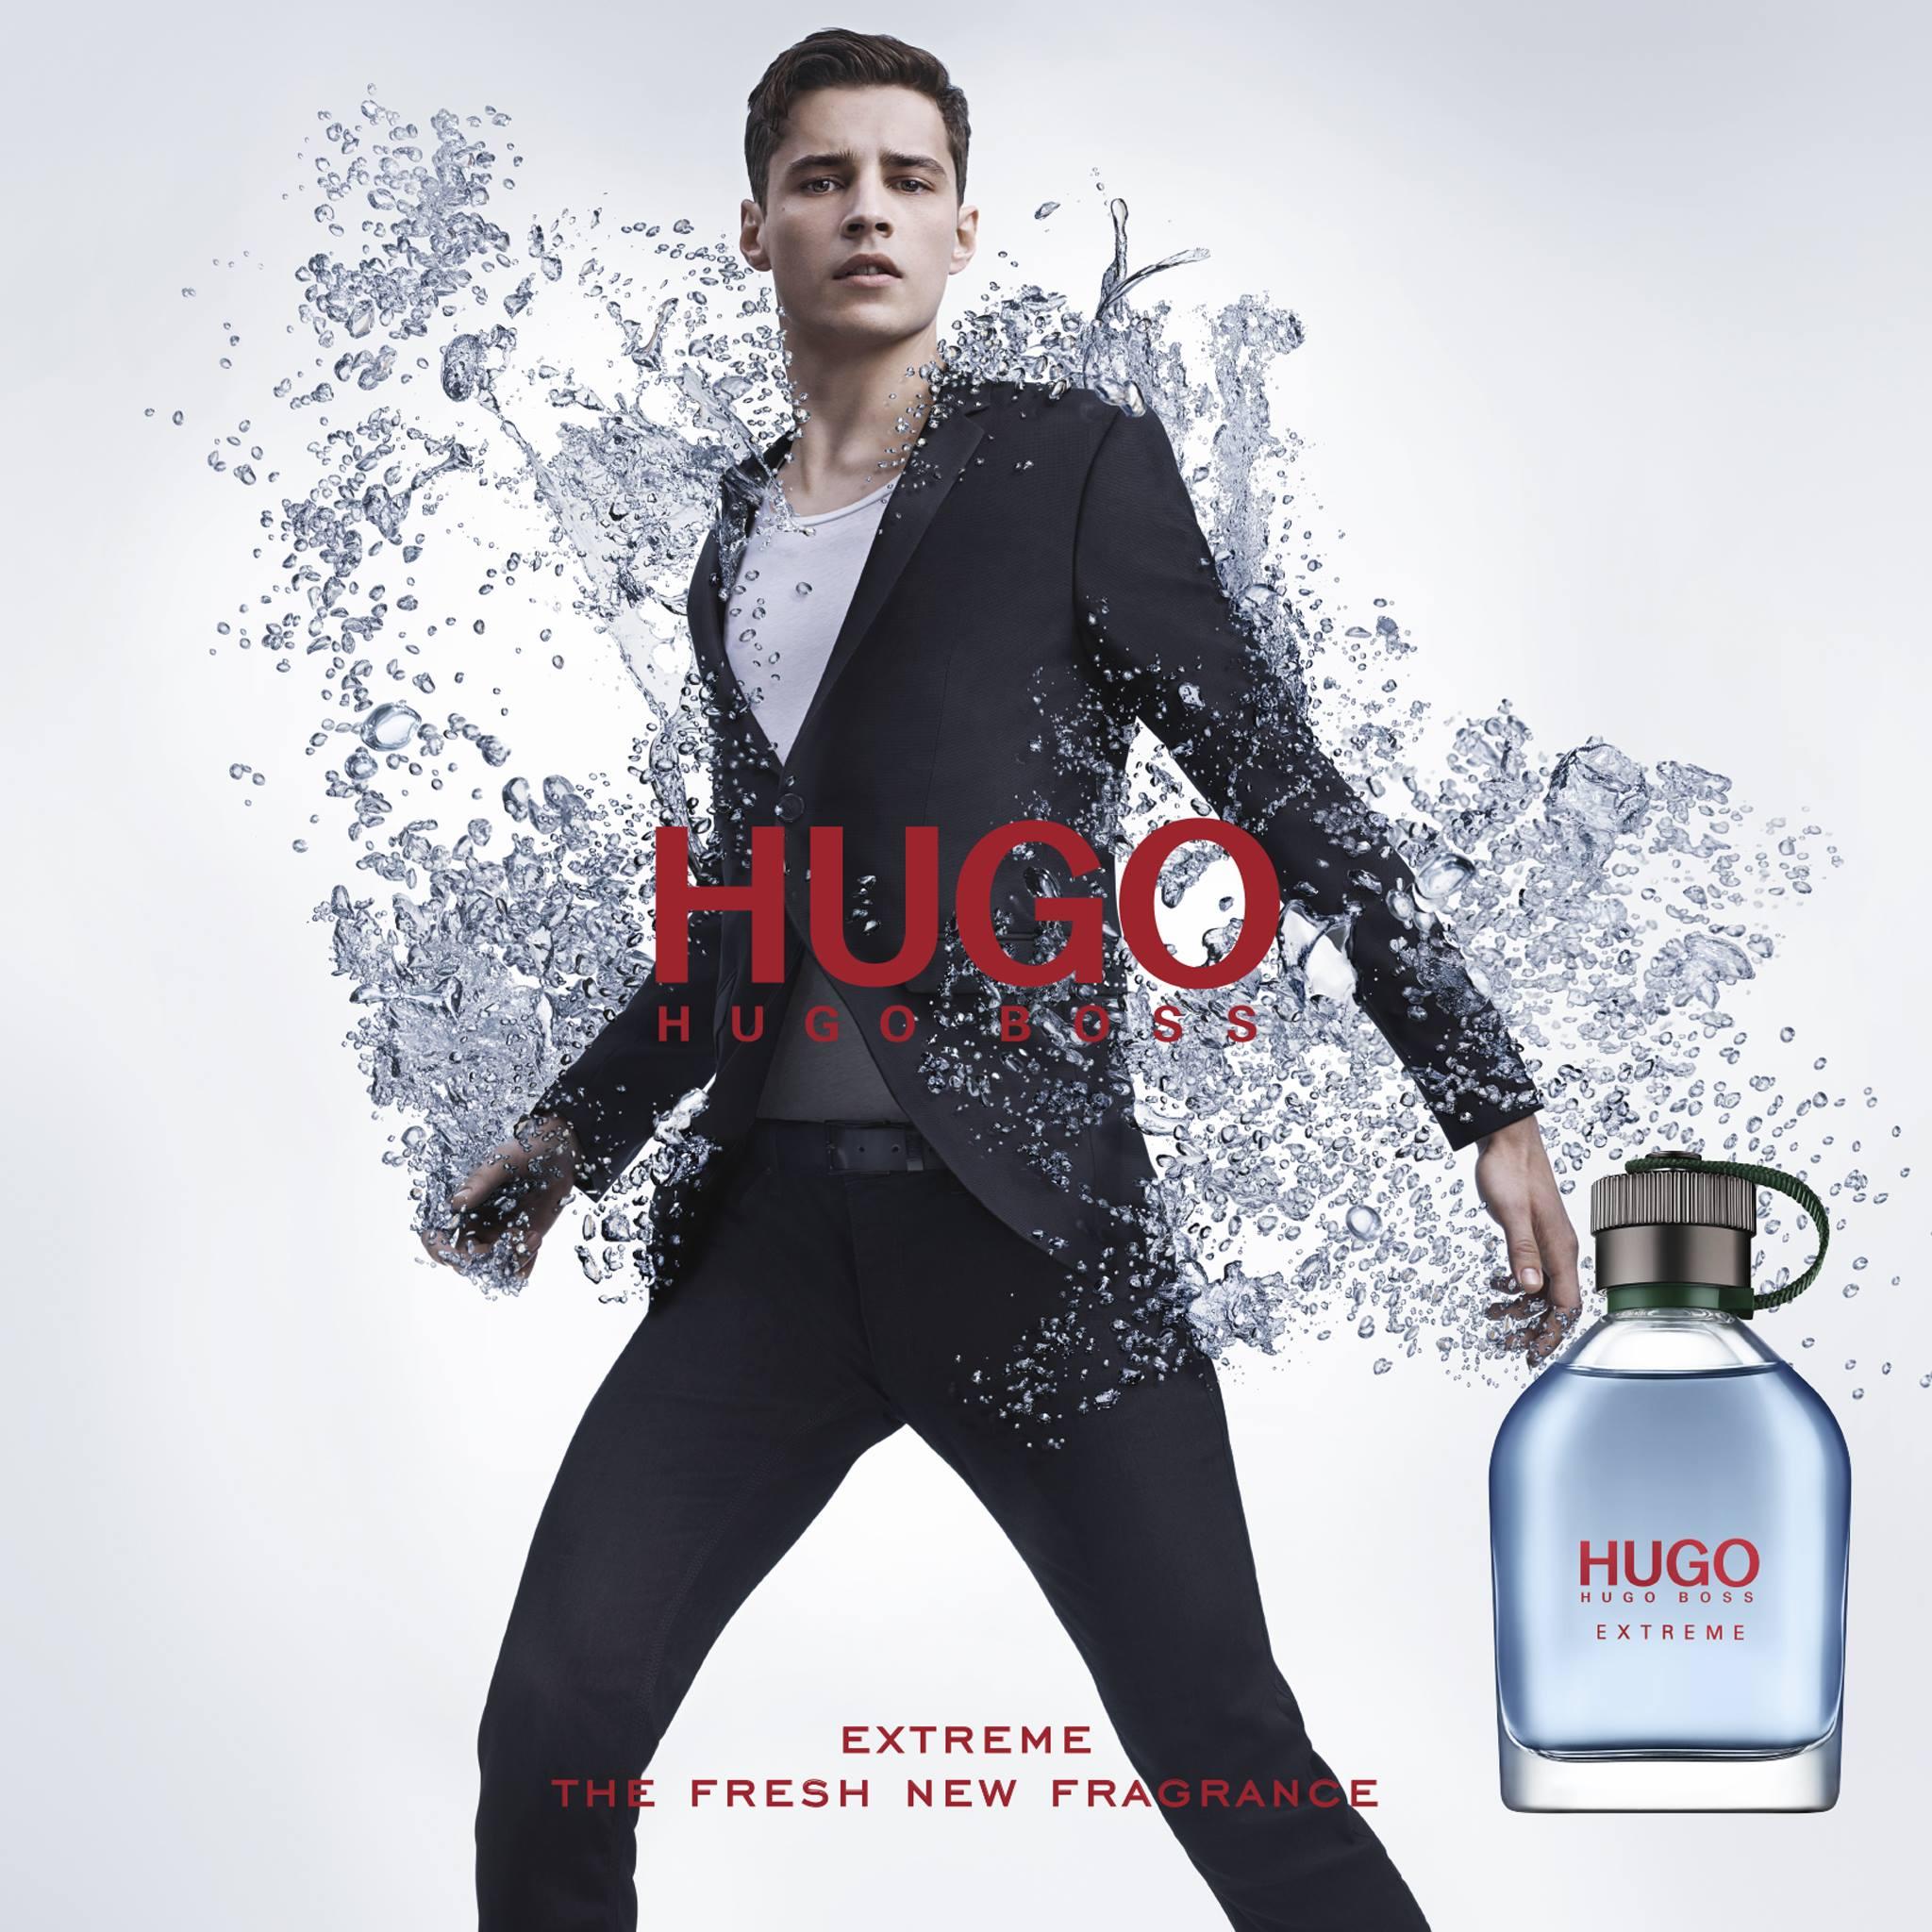 Hugo boss fragrance jamal elghandour operations jpg 1120x1120 Hugo boss  cologne ads 32b0d16b7677